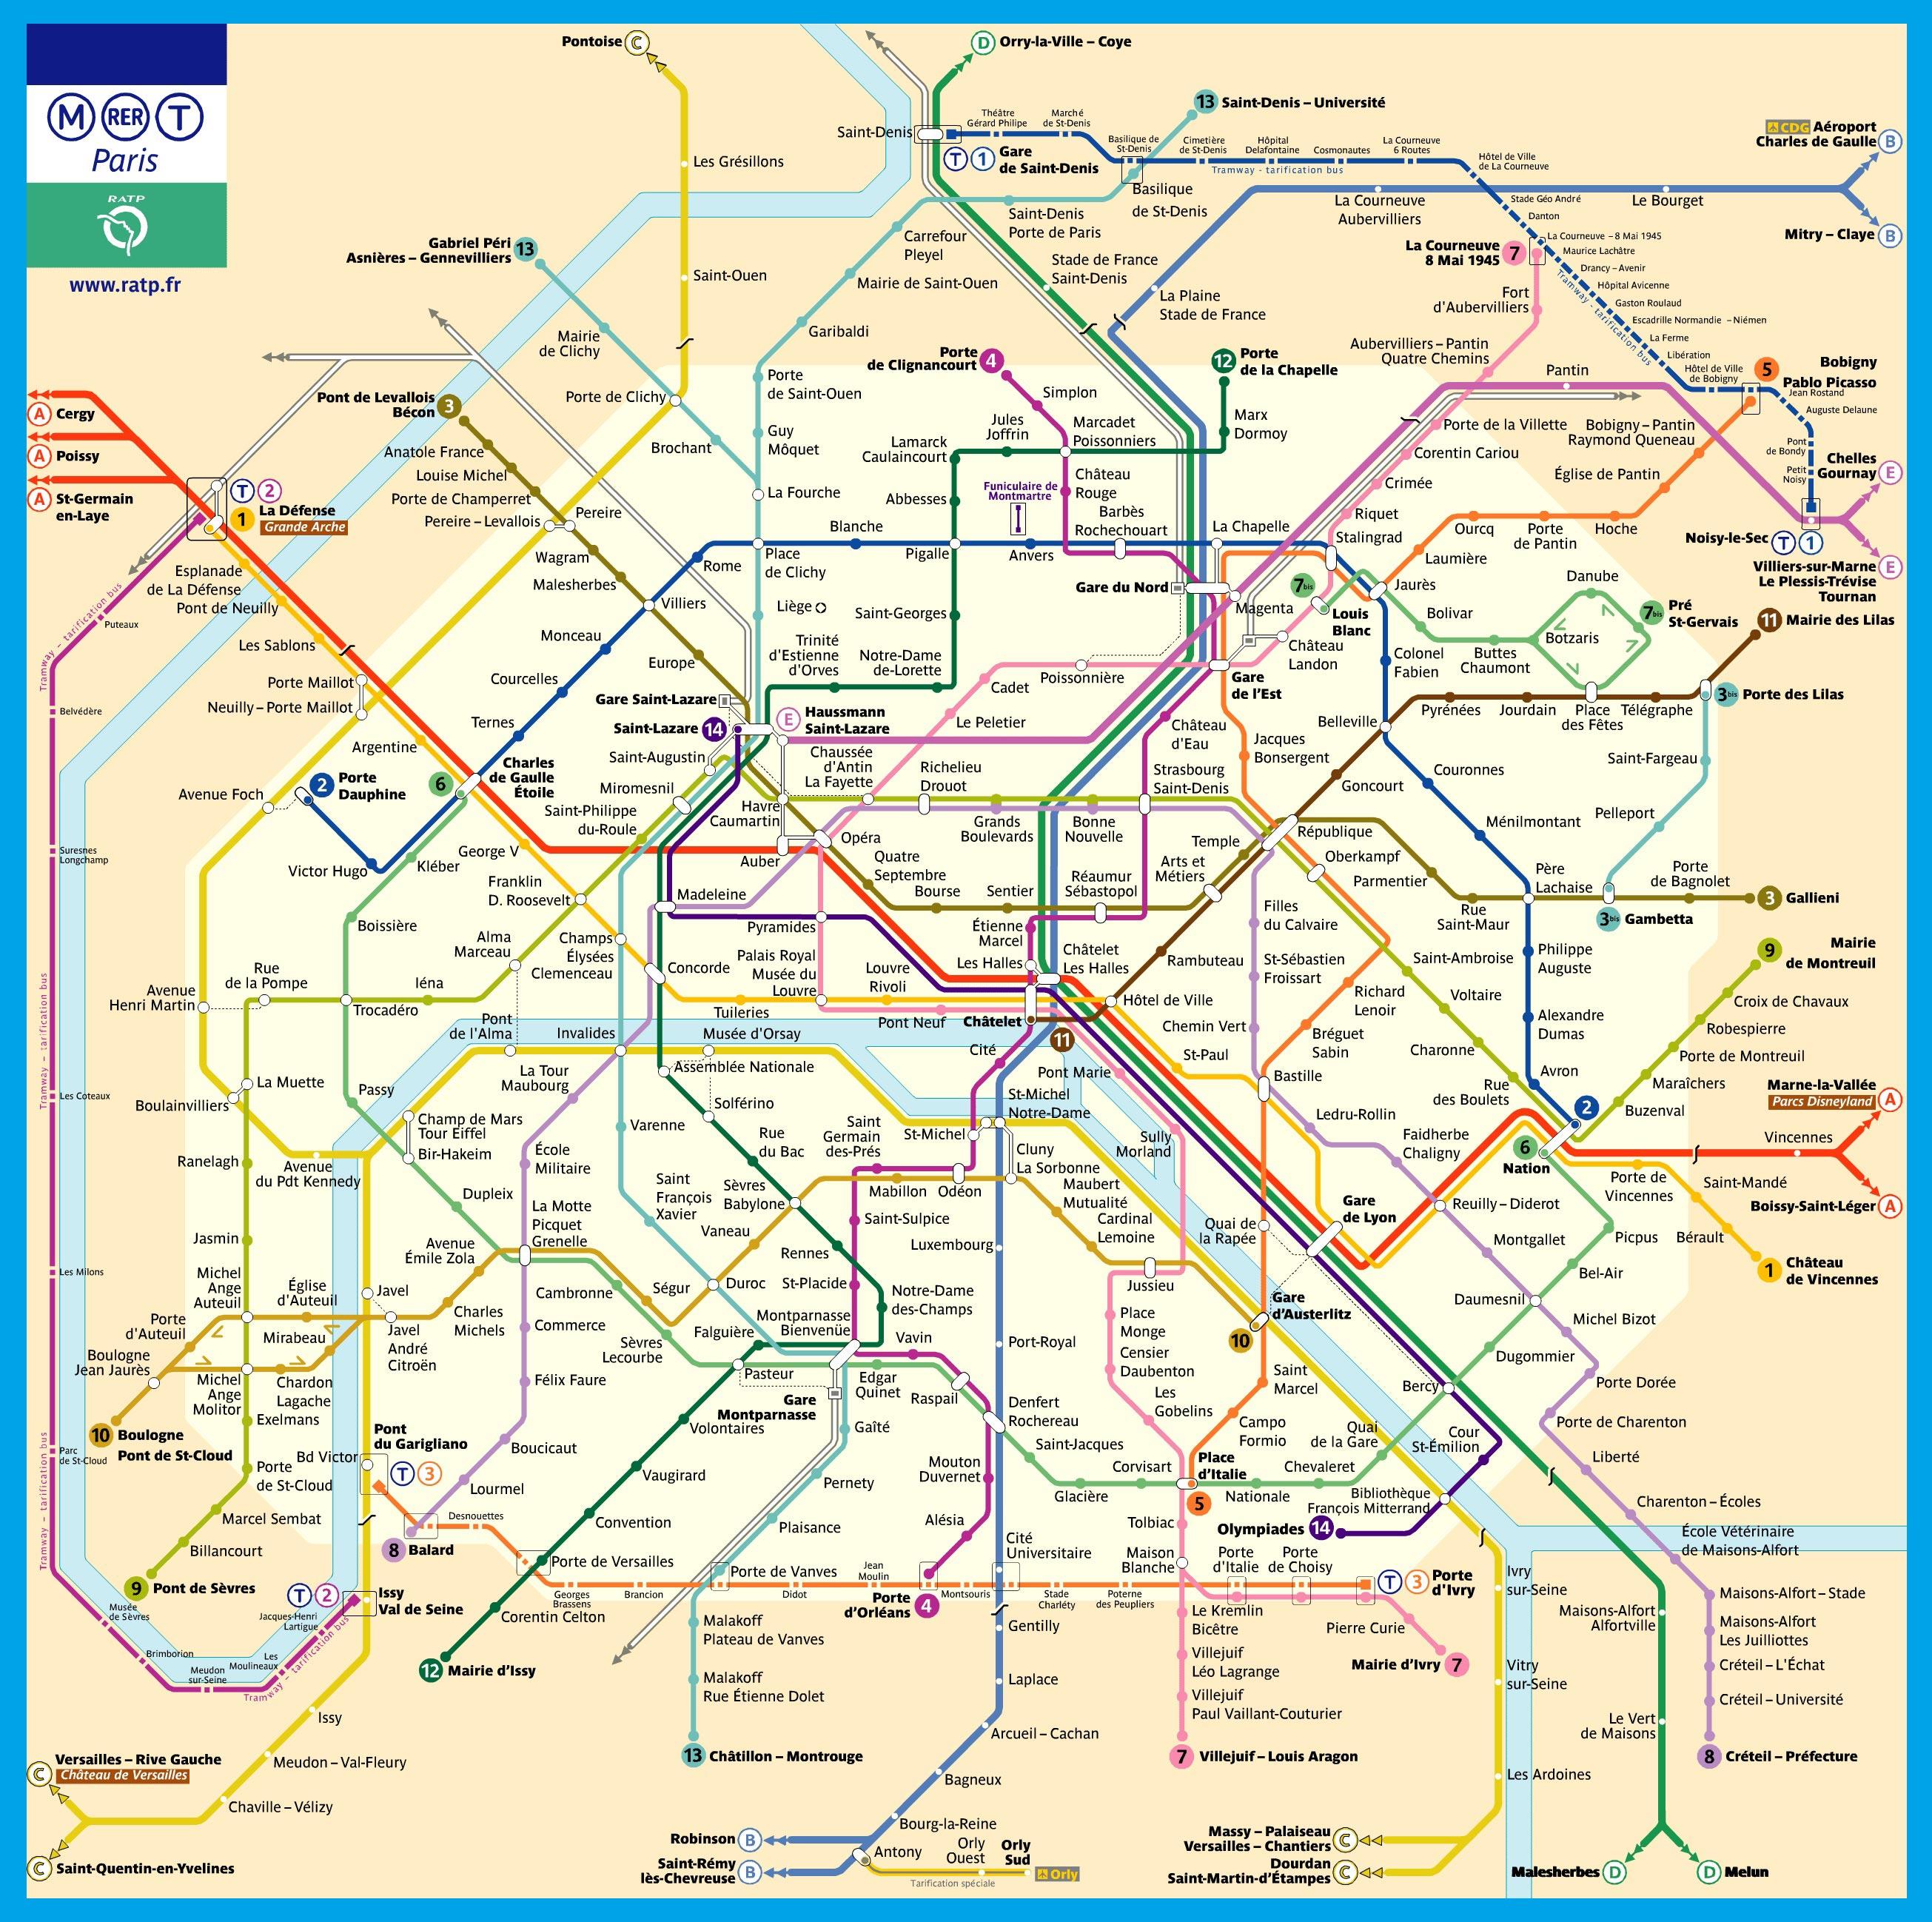 pdf plan metro paris